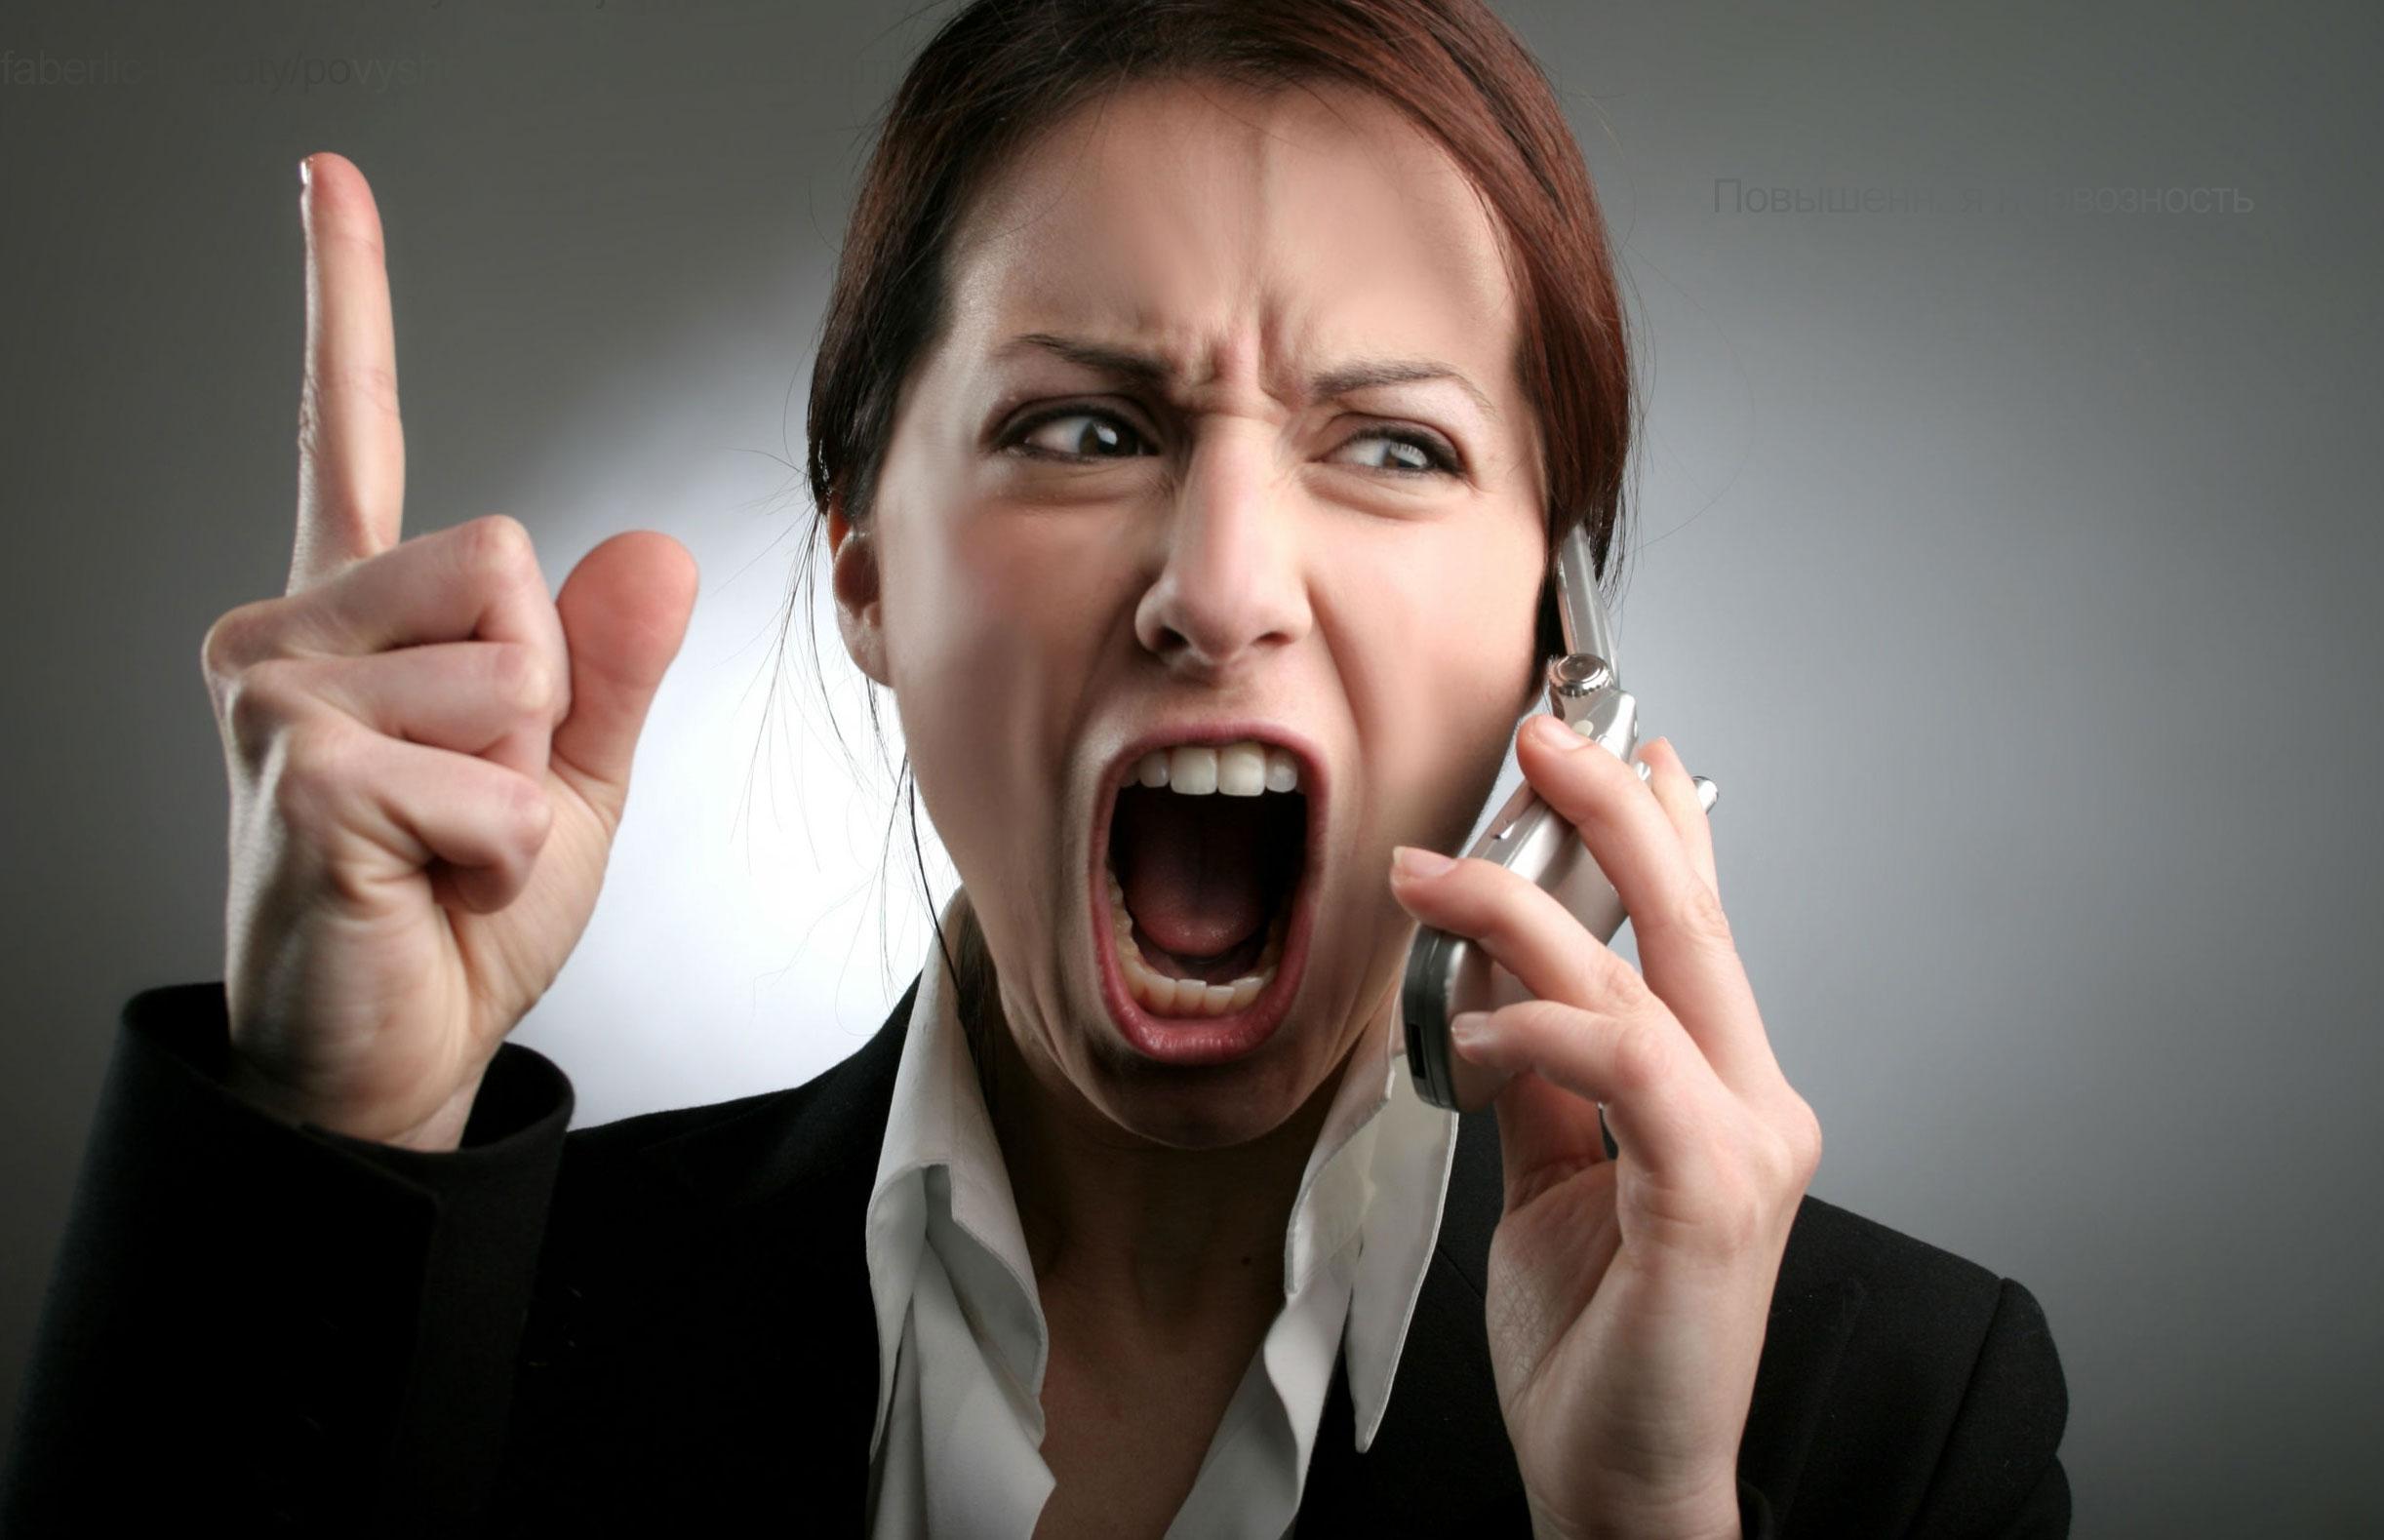 Нервозность: симптомы, причины, лечение